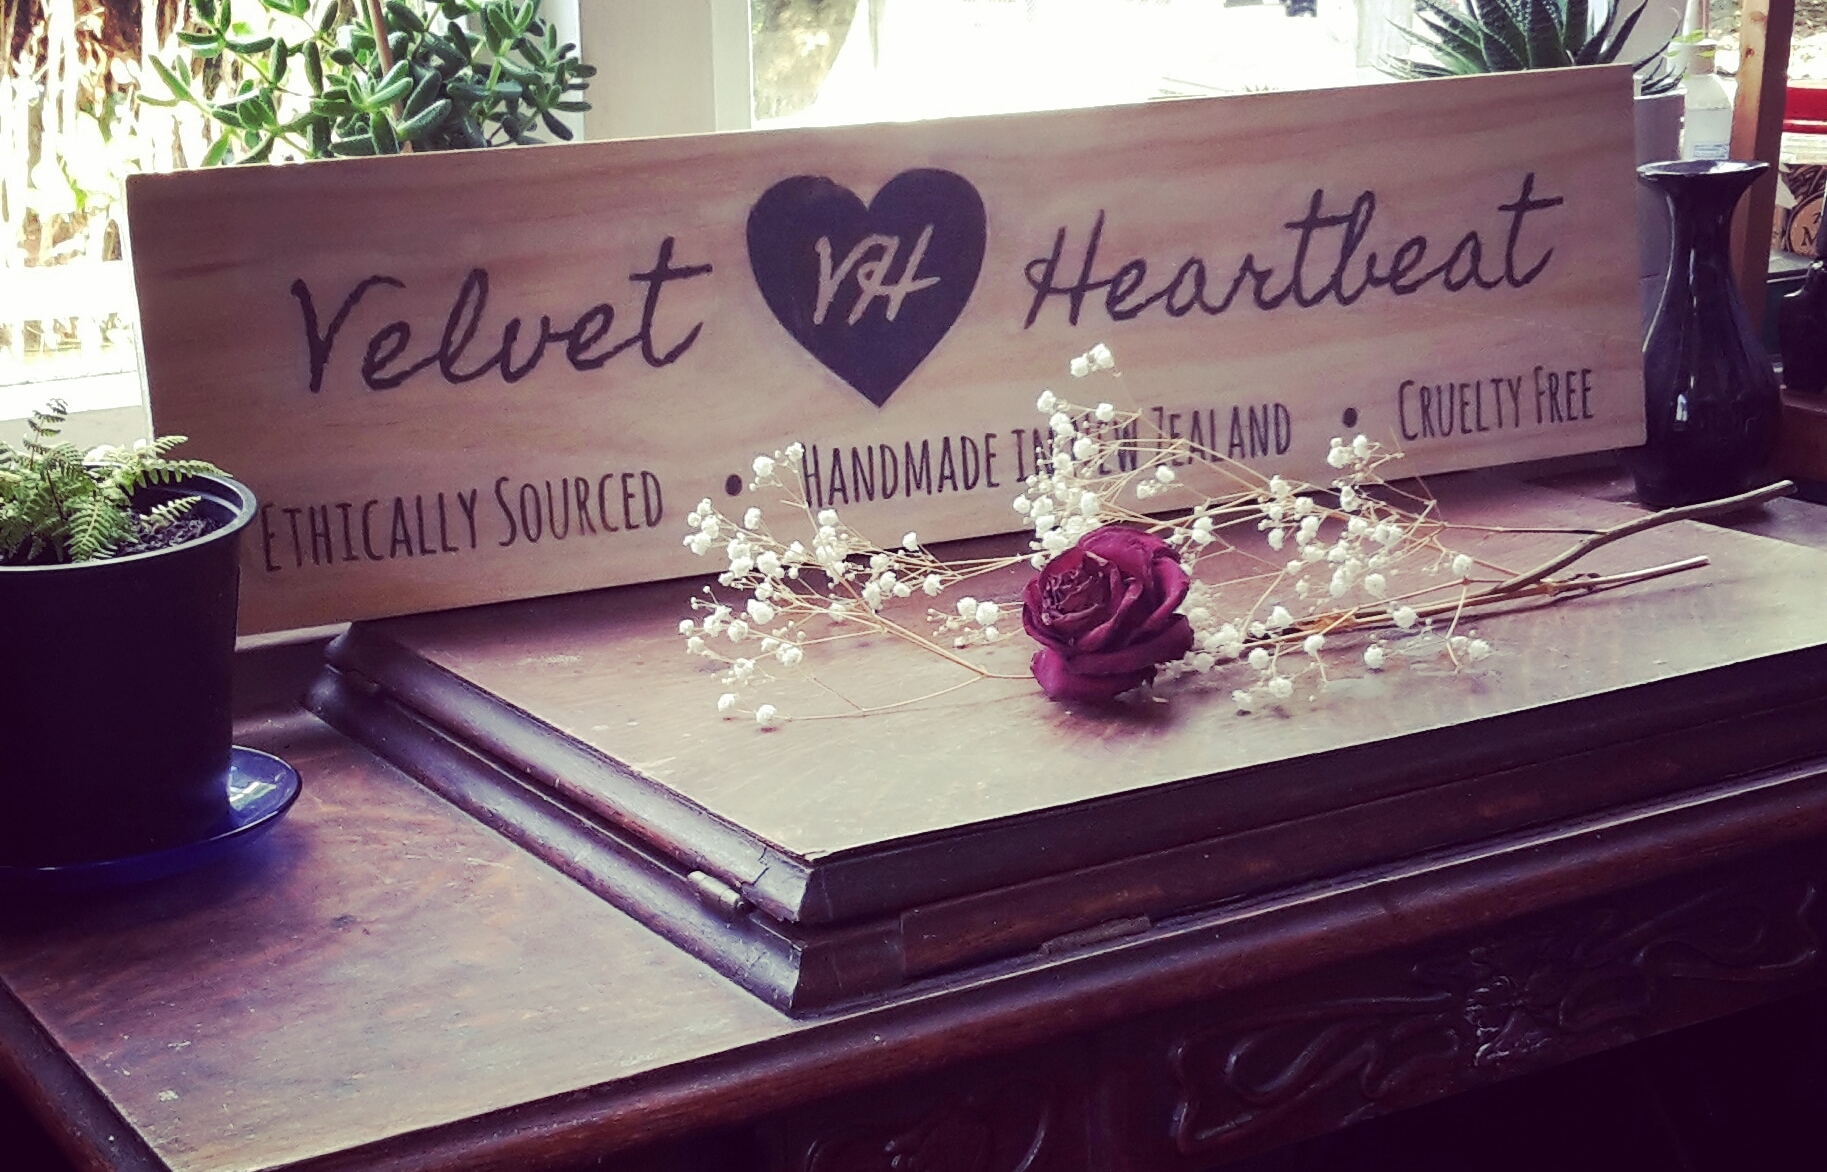 velvet-heartbeat-market-sign.jpg